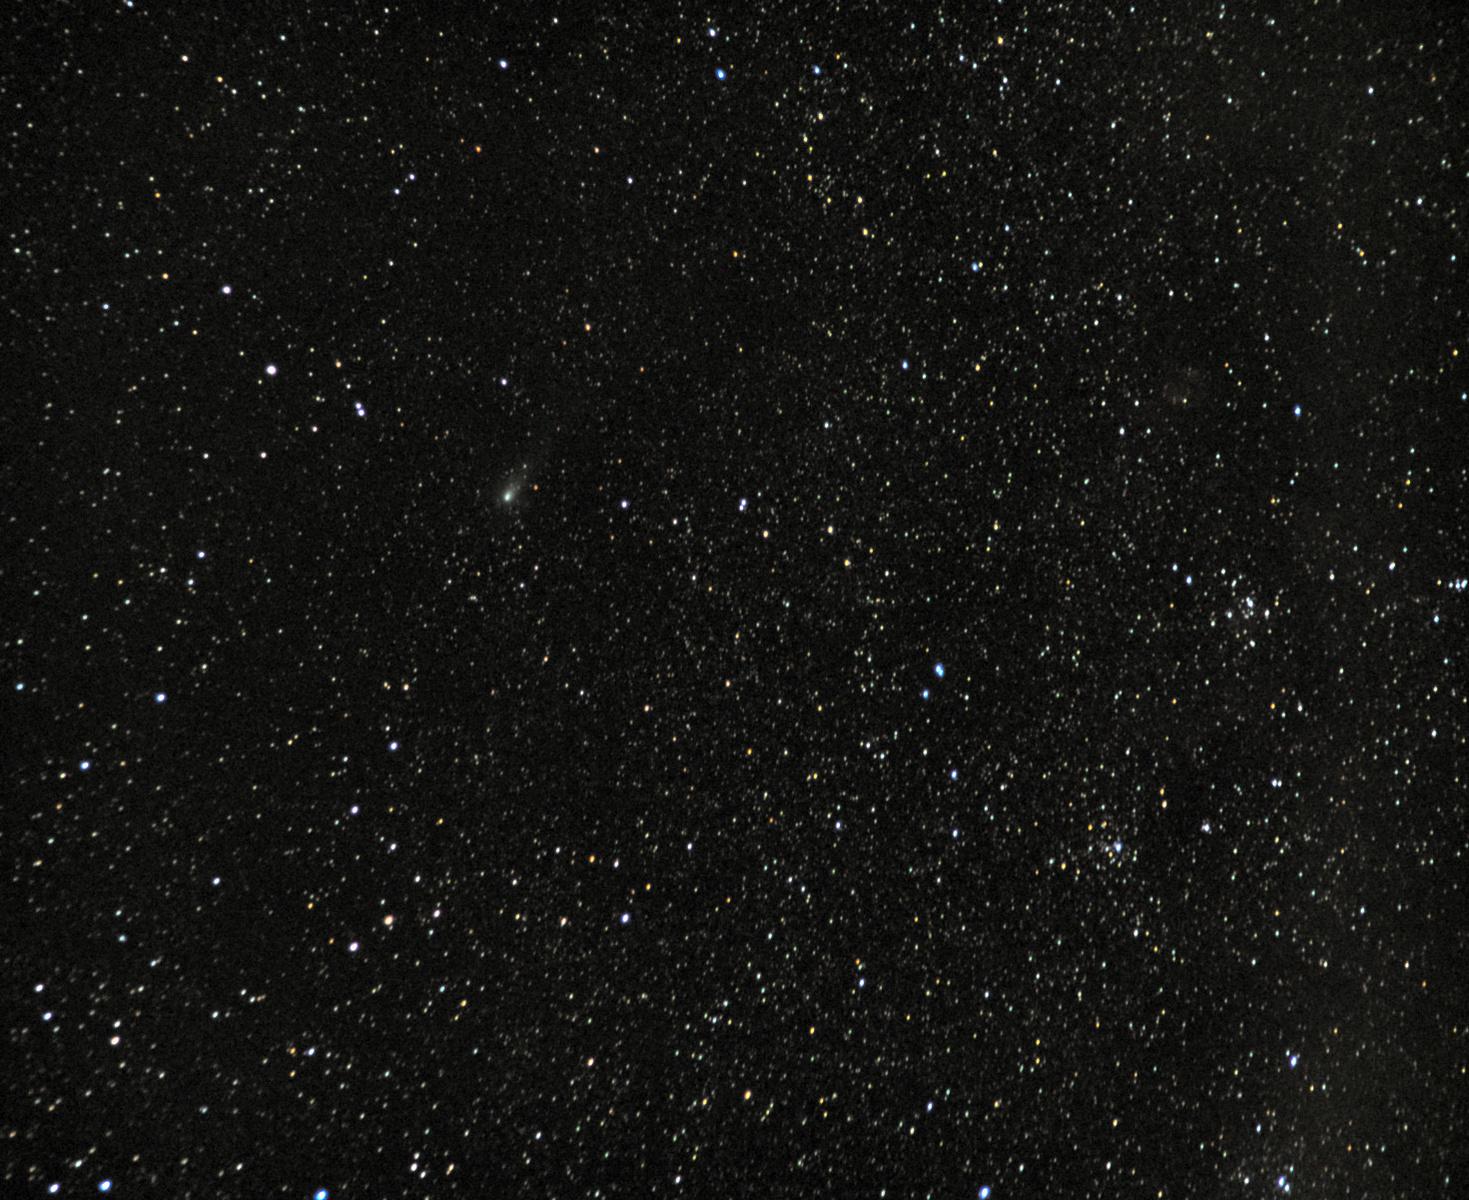 kometa_chichotki.thumb.jpg.cbf451d4bd660f2e9c7e8e56016fe674.jpg